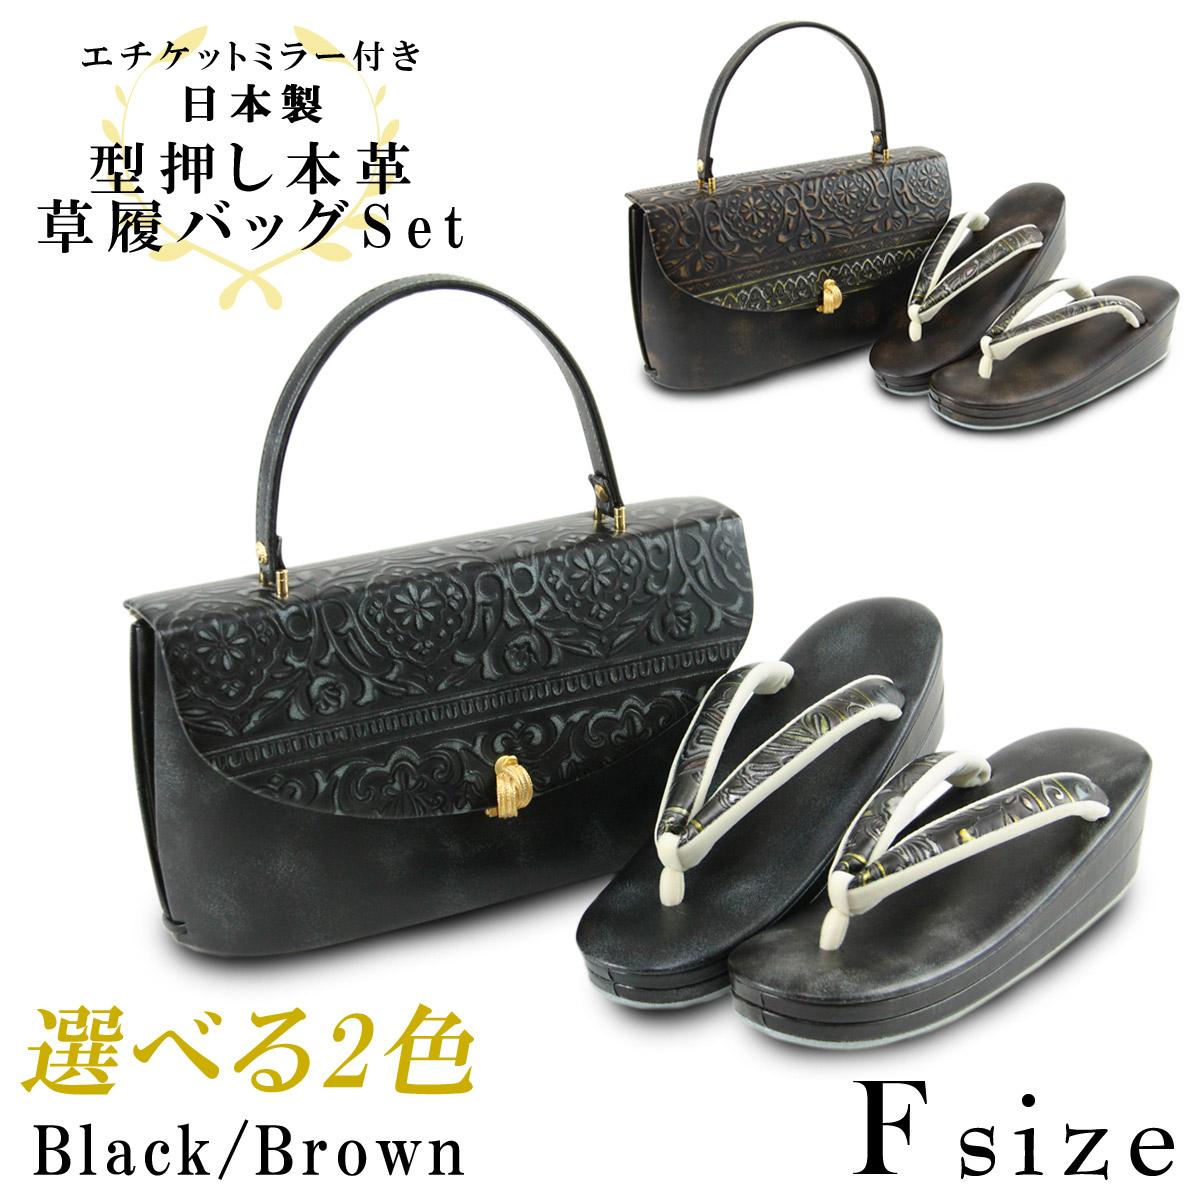 【50%OFF/スーパーSALE】 草履バッグセット -33- レディース Free-size 本皮 黒/茶色